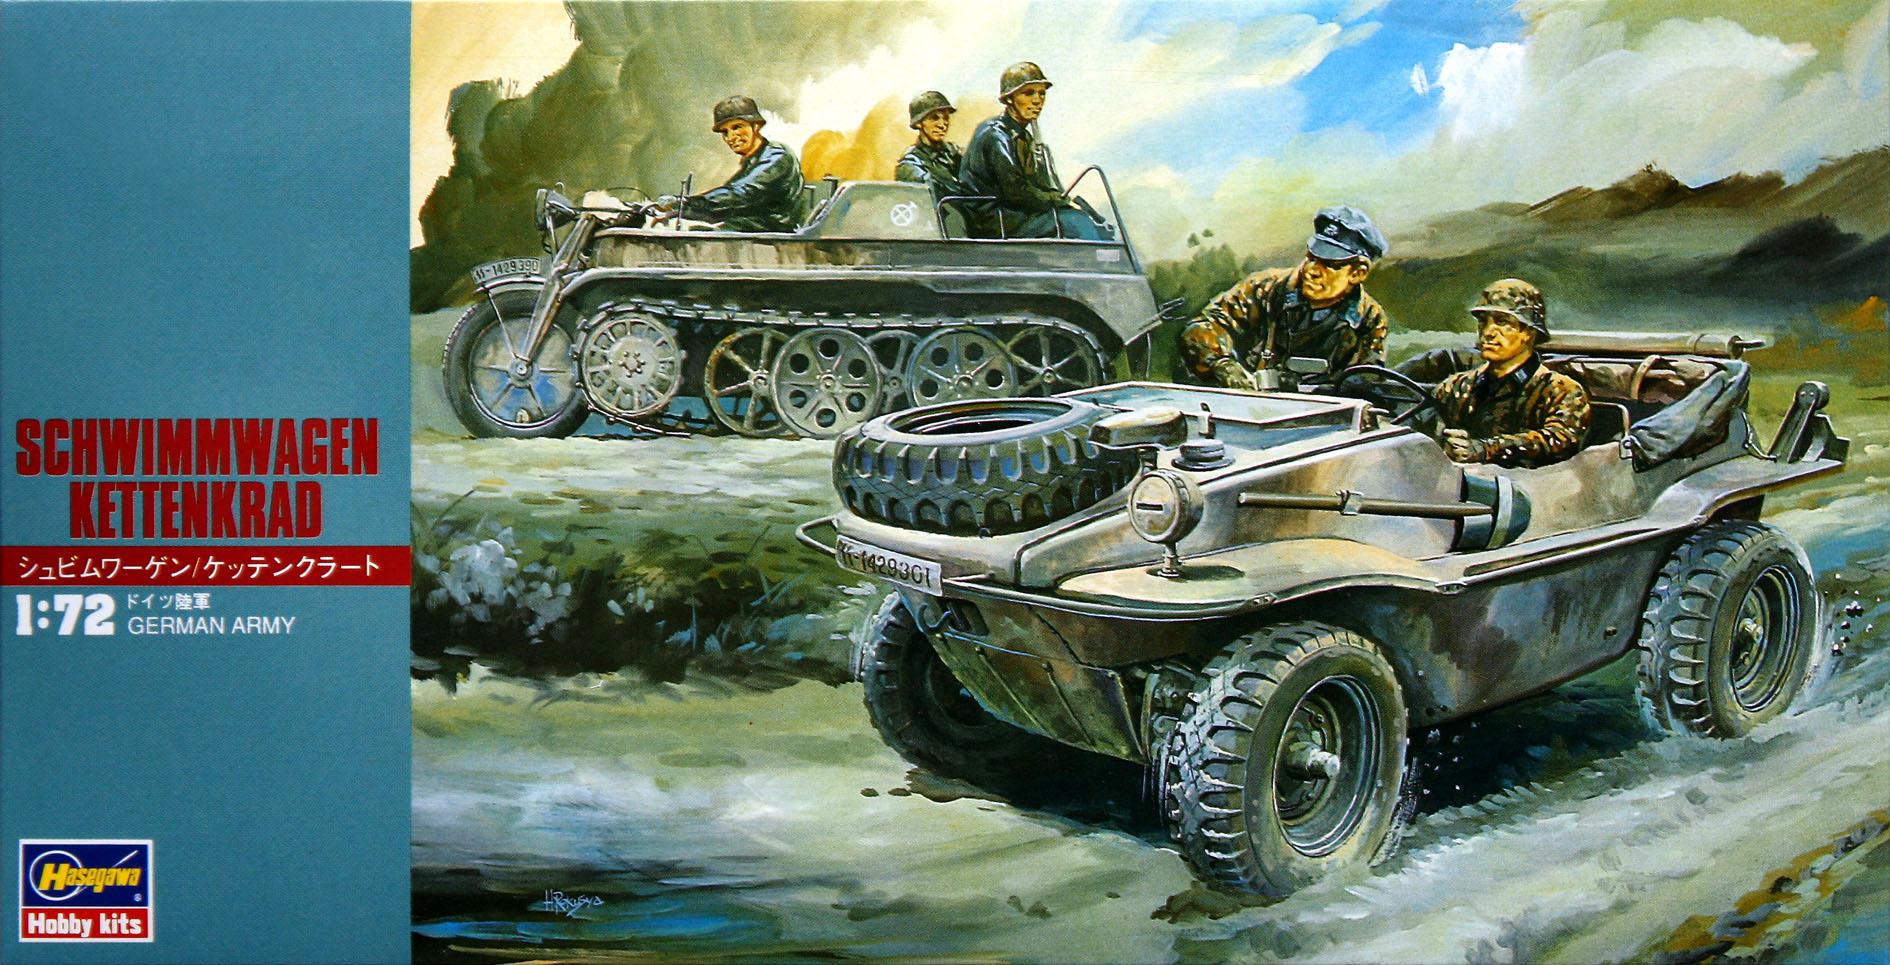 Hasegawa 1/72 Schwimmwagen / Kettenkrad